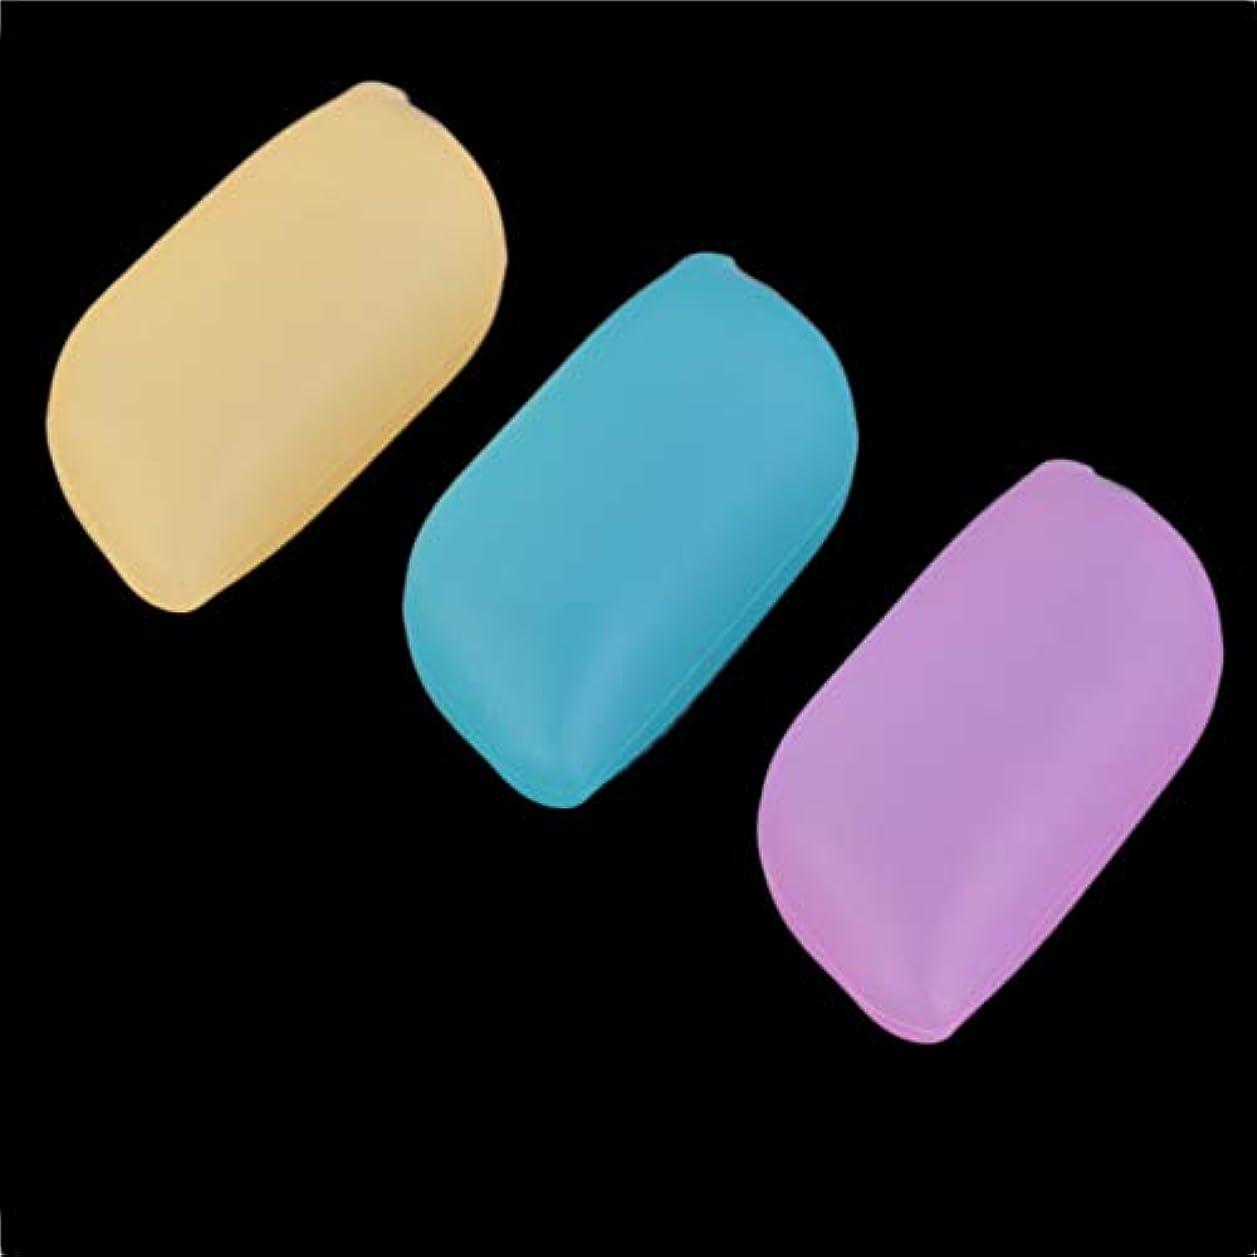 刃不信通常ポータブル軽量3ピースシリコンソフトトラベルキャンプホールディング歯ブラシヘッドケースカバー保護キャップきれいに保つ